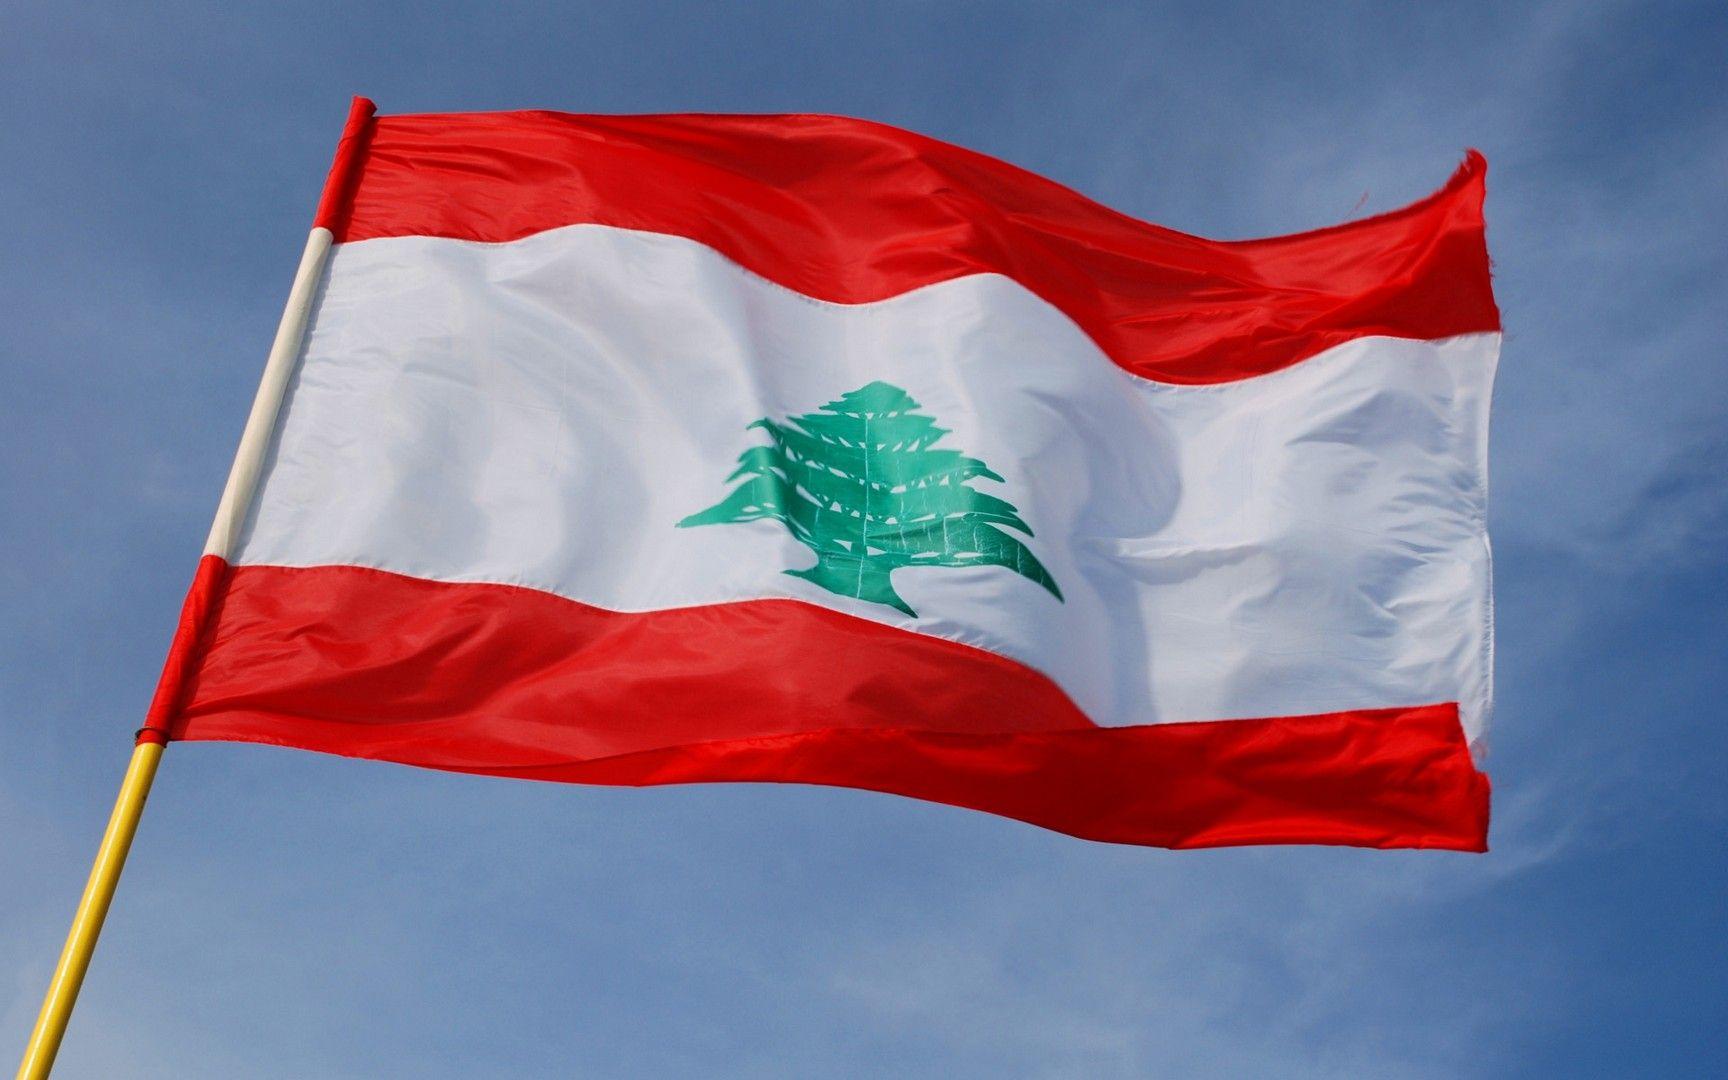 Flag Of Lebanon Wallpaper Flag Wallpaper Flags Of The World